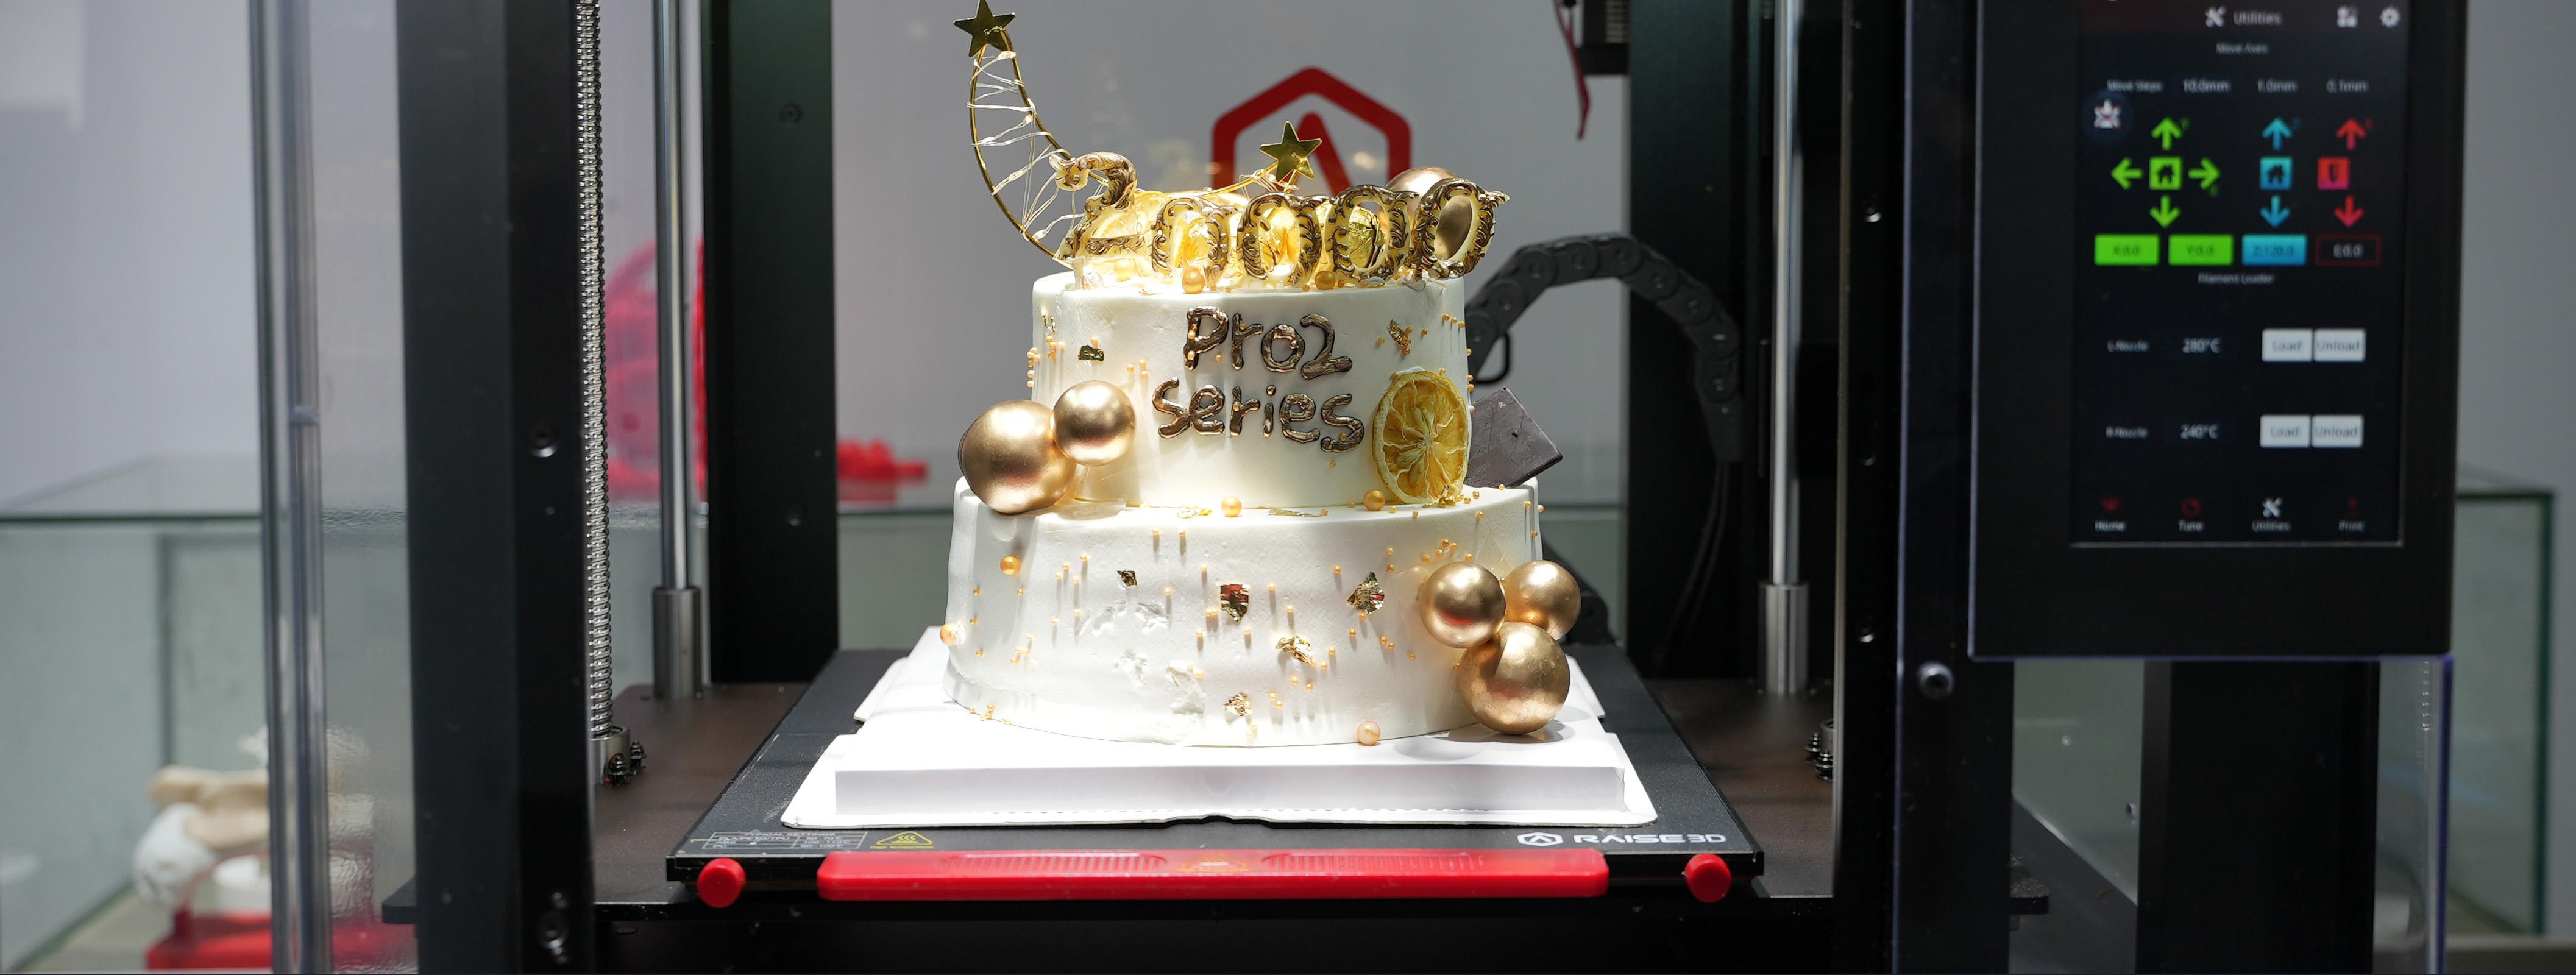 Raise3D 庆祝新的里程碑:全球交付第20,000台Pro2系列3D打印机